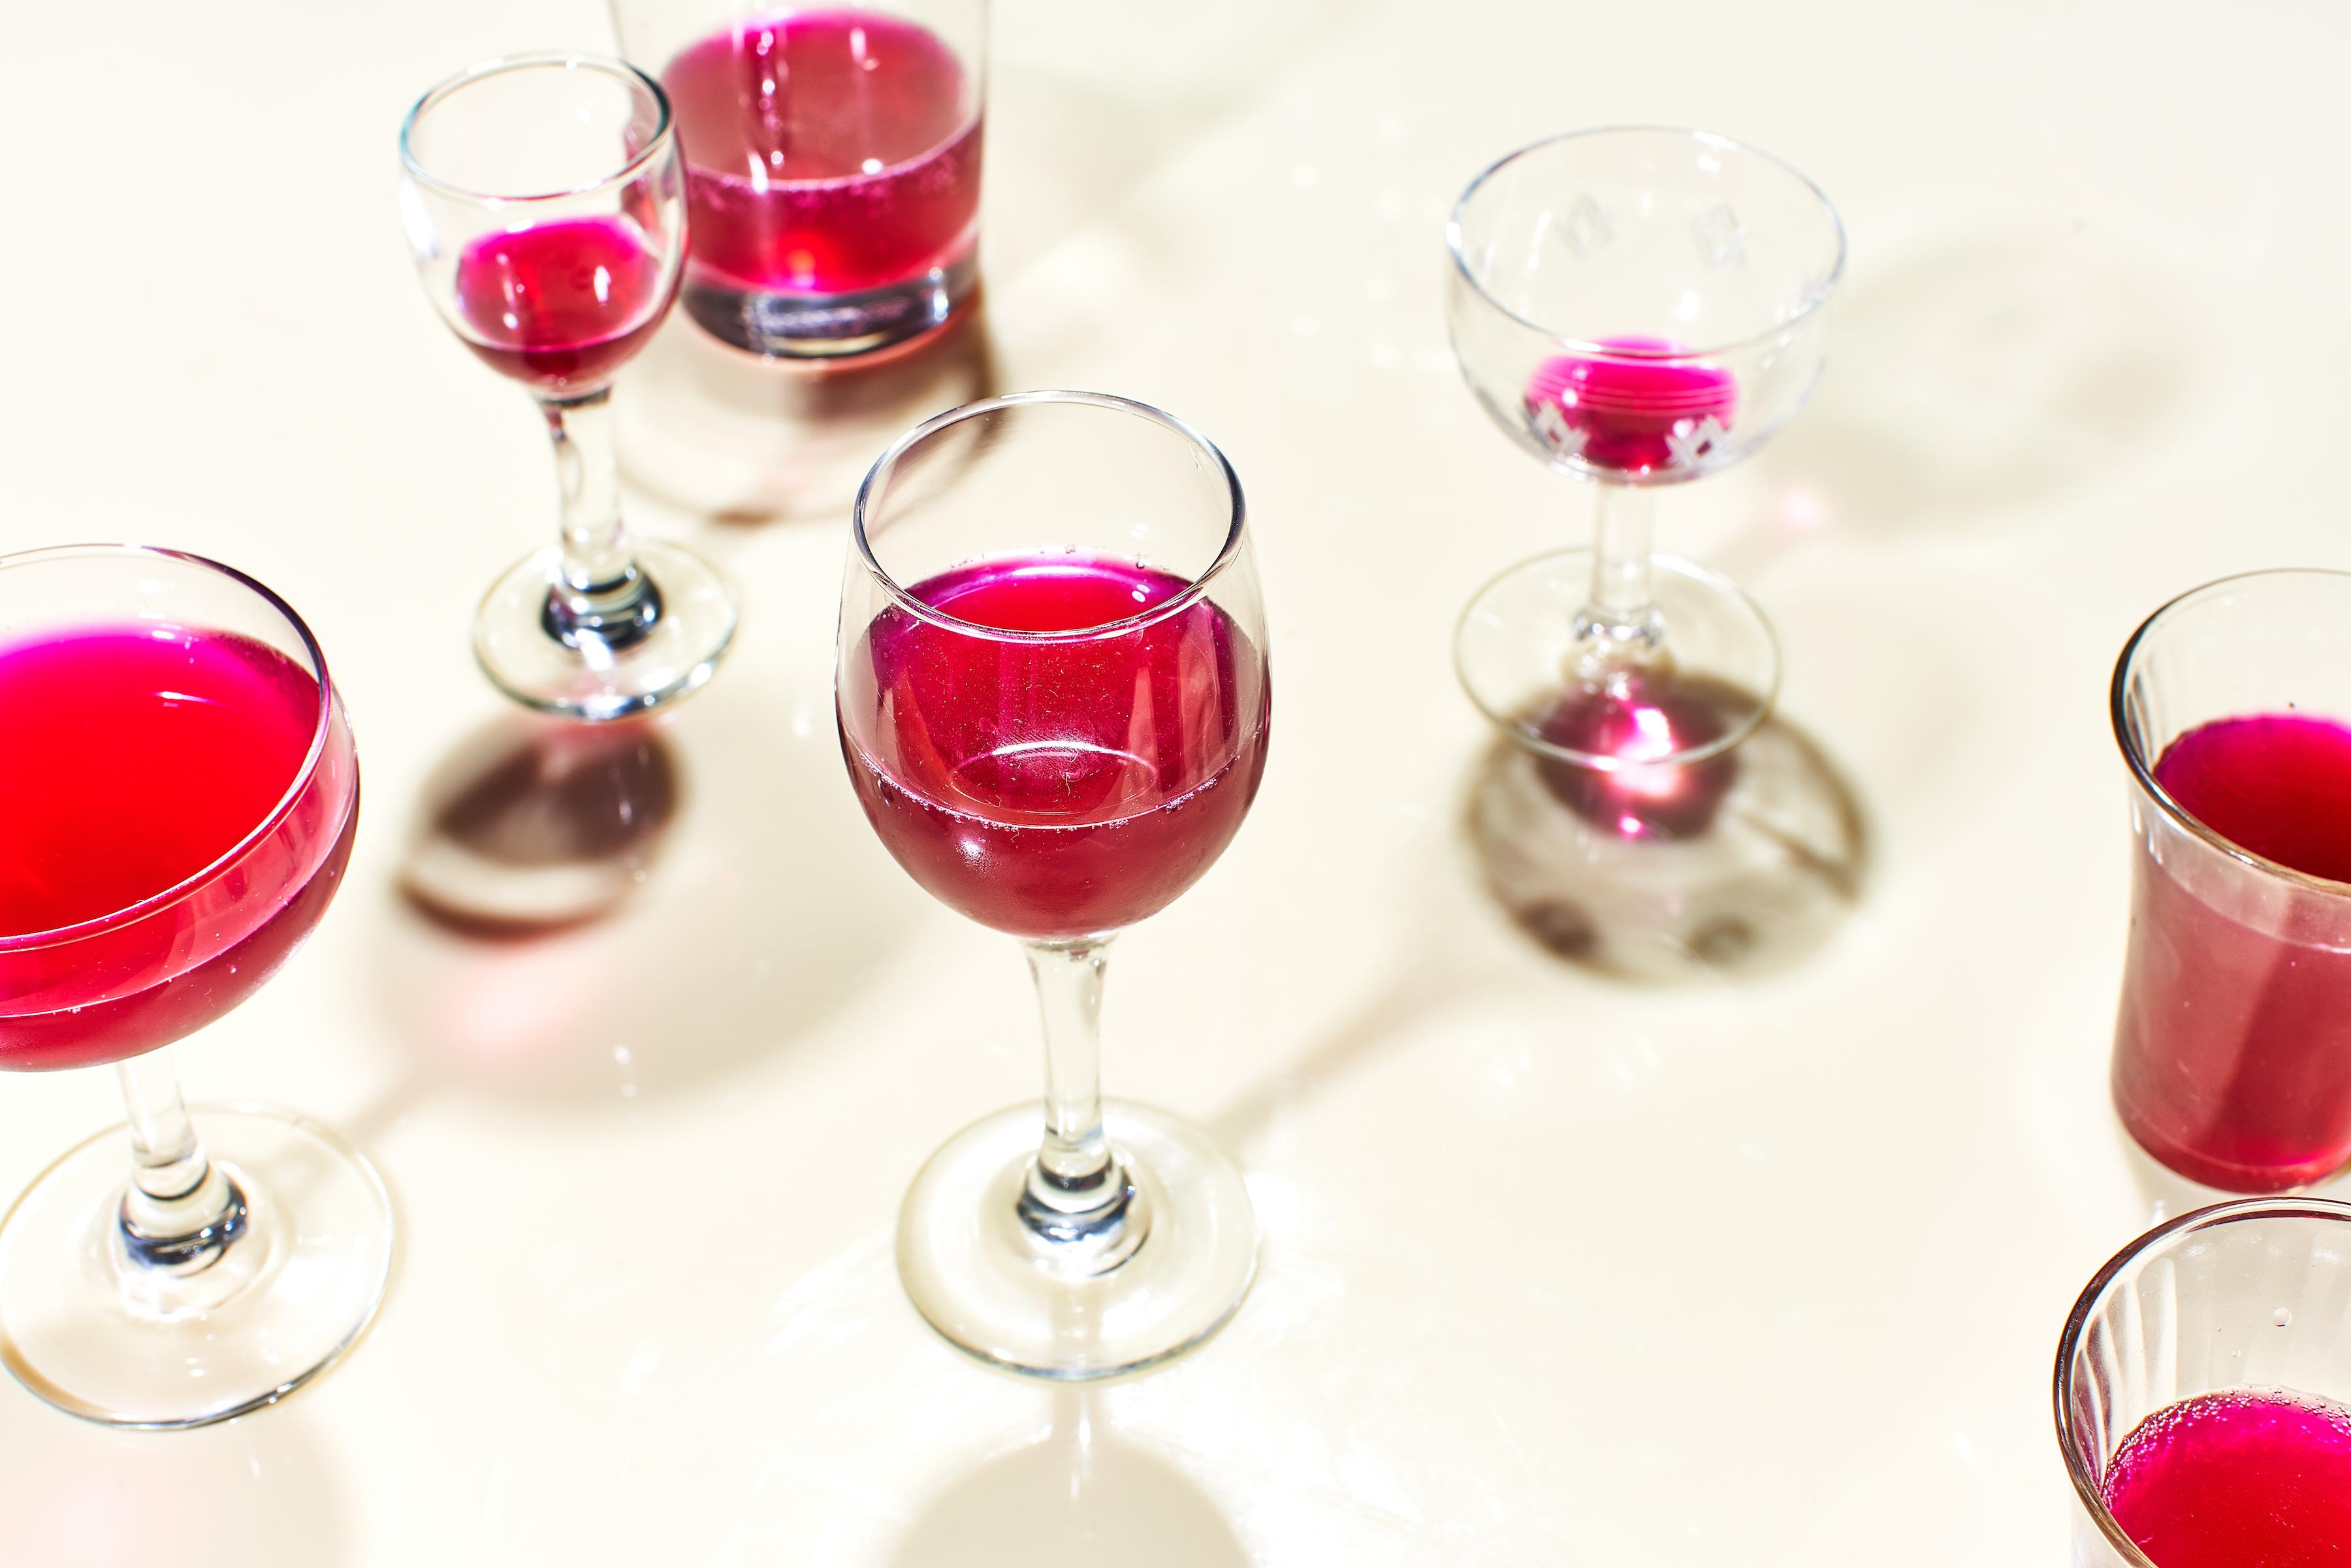 san francisco cocktail non alcoholic recipe